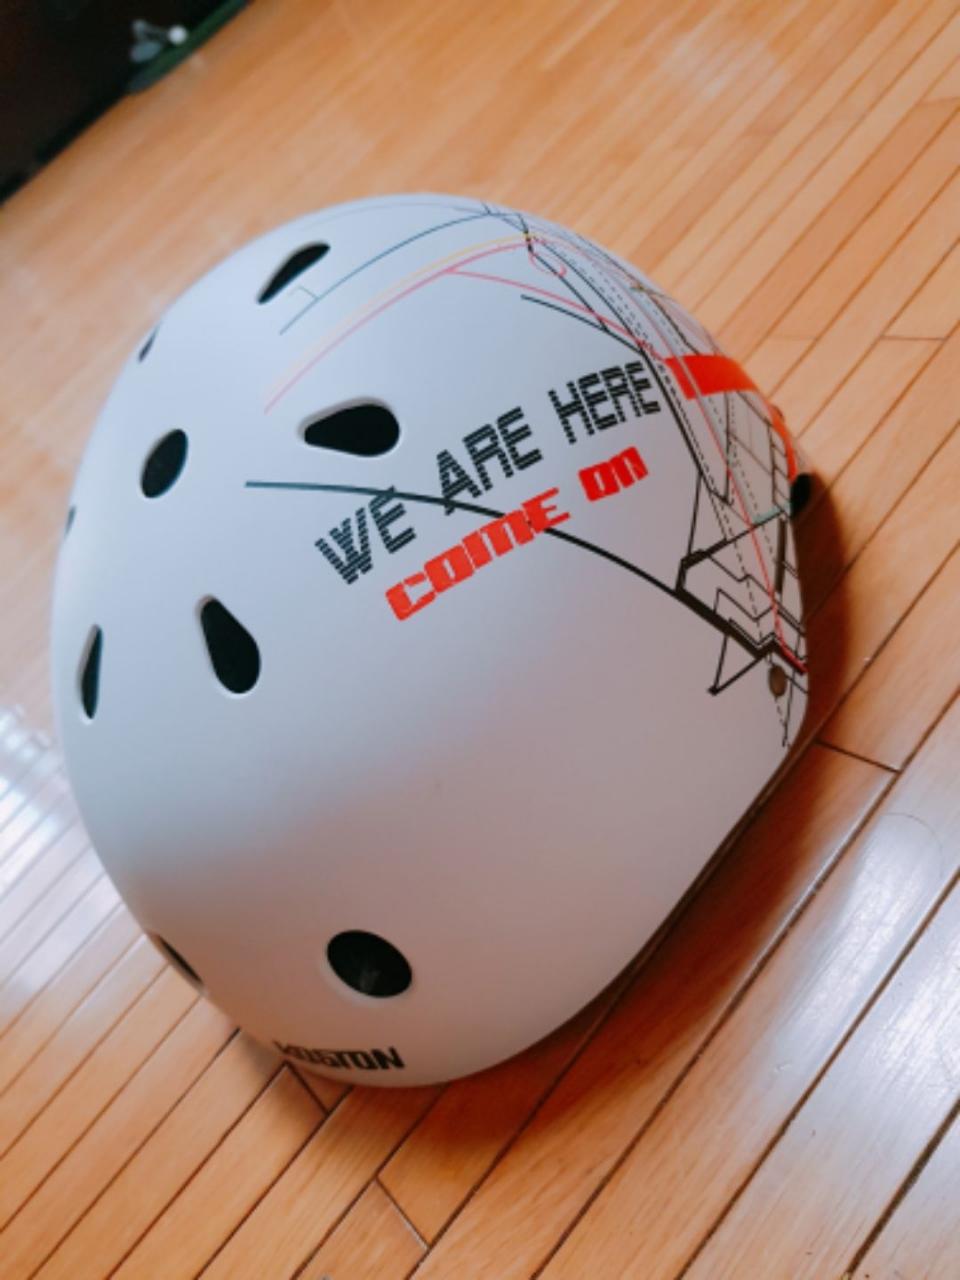 헬멧 팔아용(자전거, 스쿠터, 스케이트보드, 롱보드)